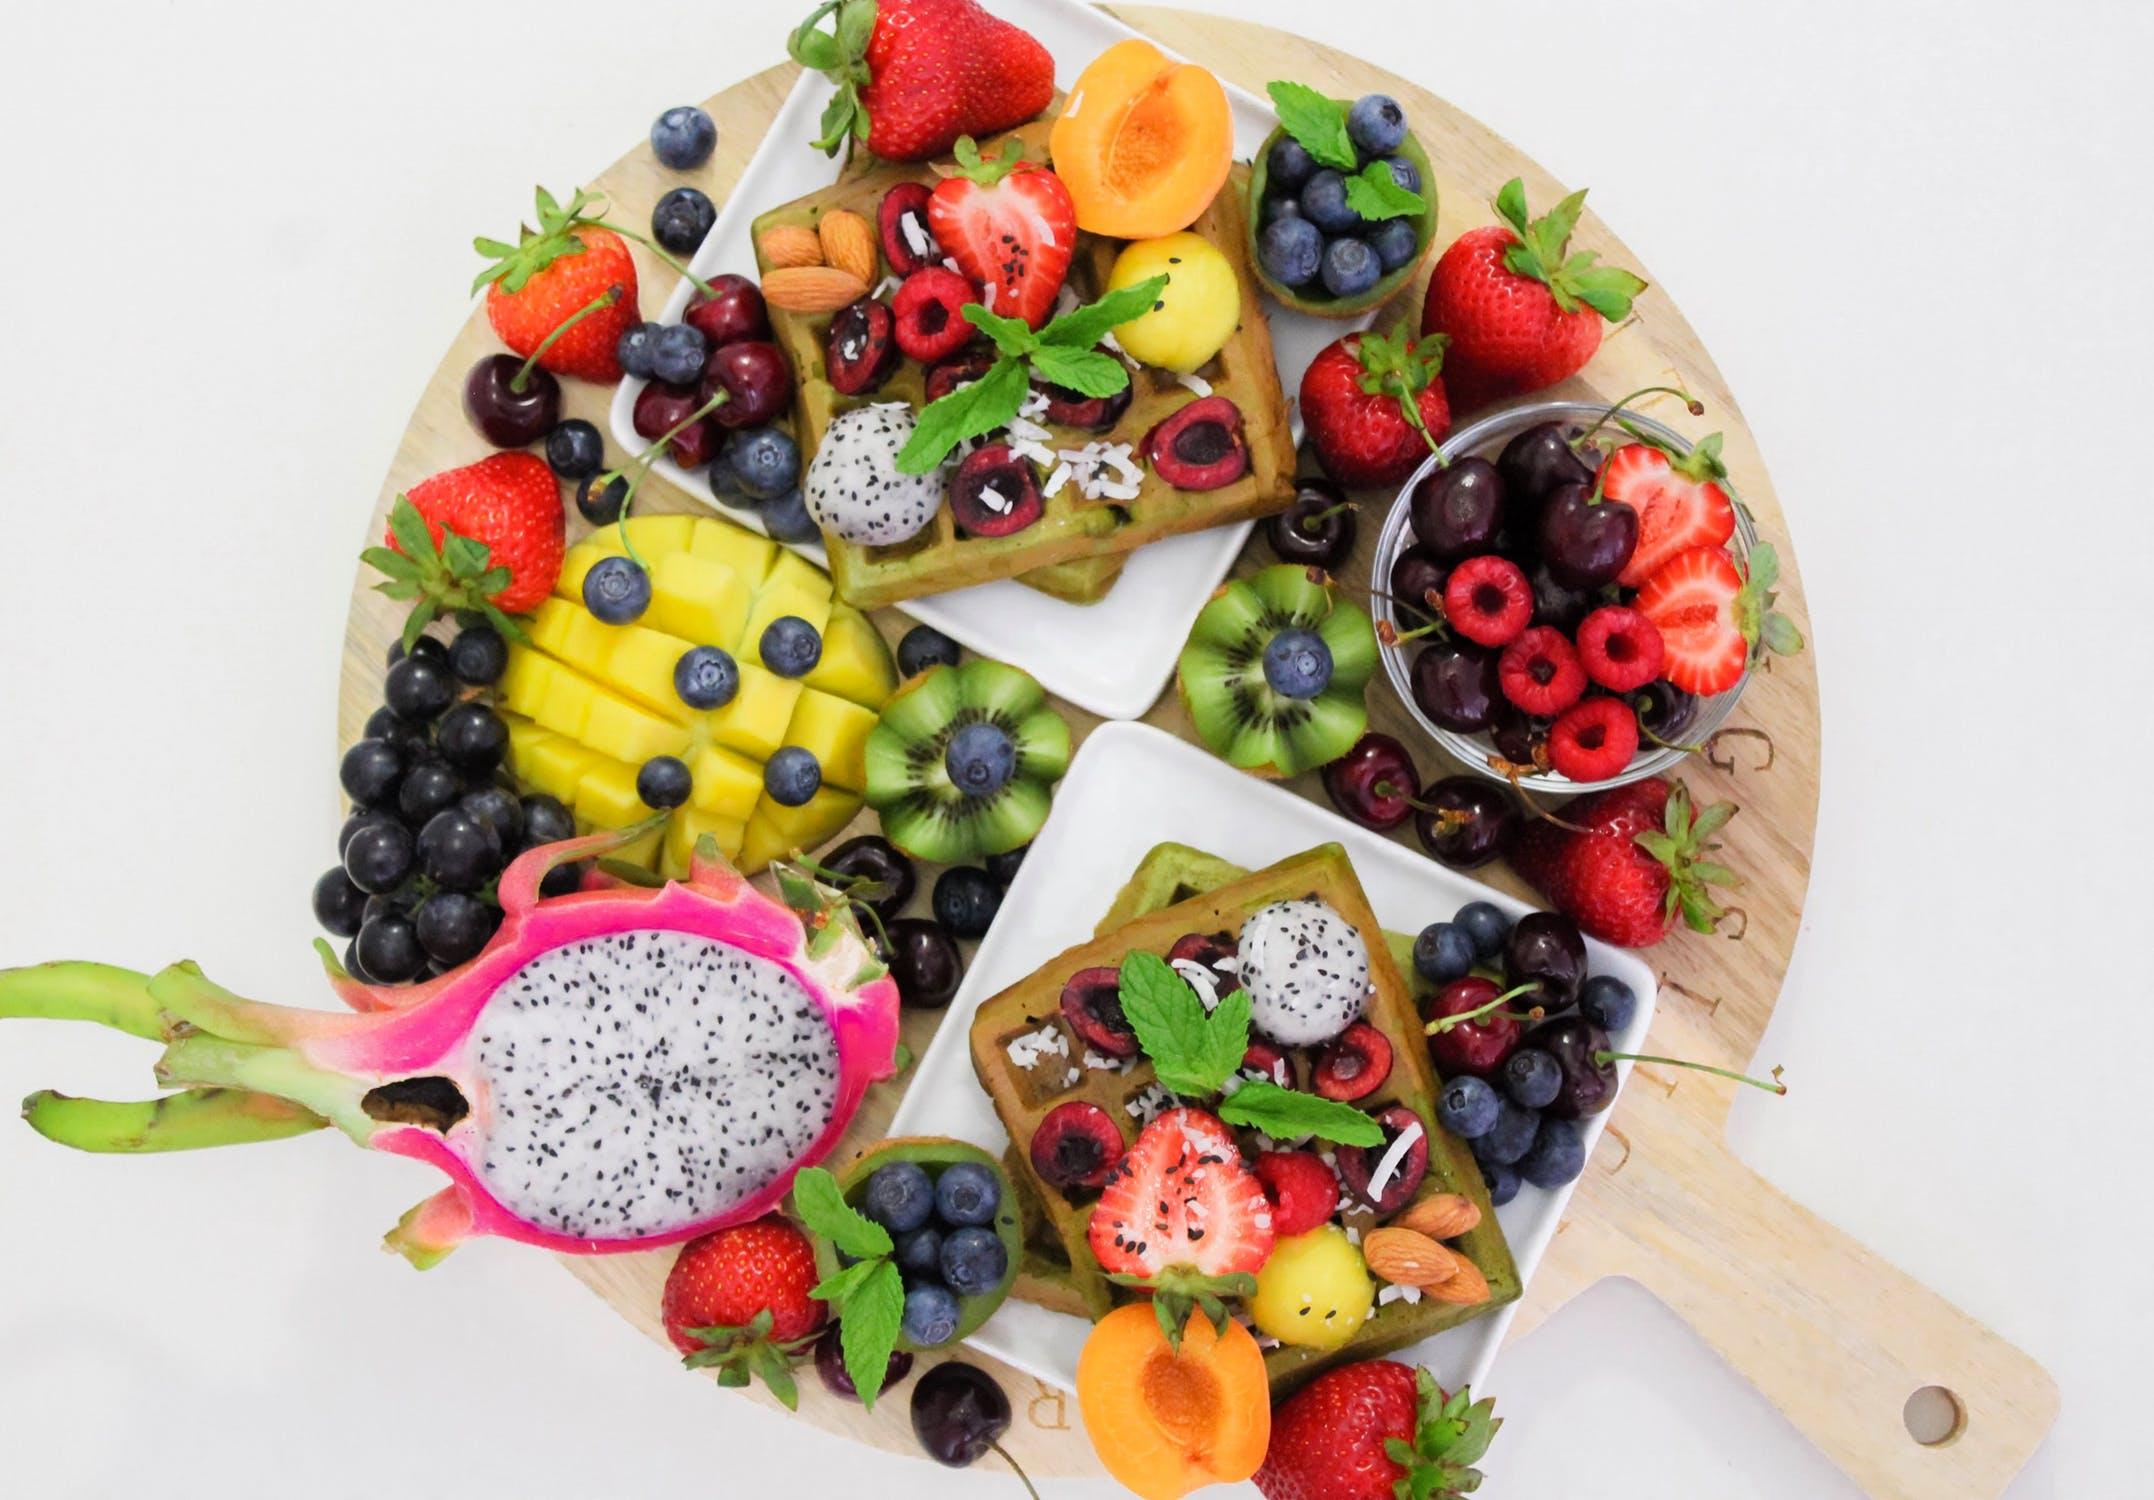 cele mai bune fructe pentru imunitate